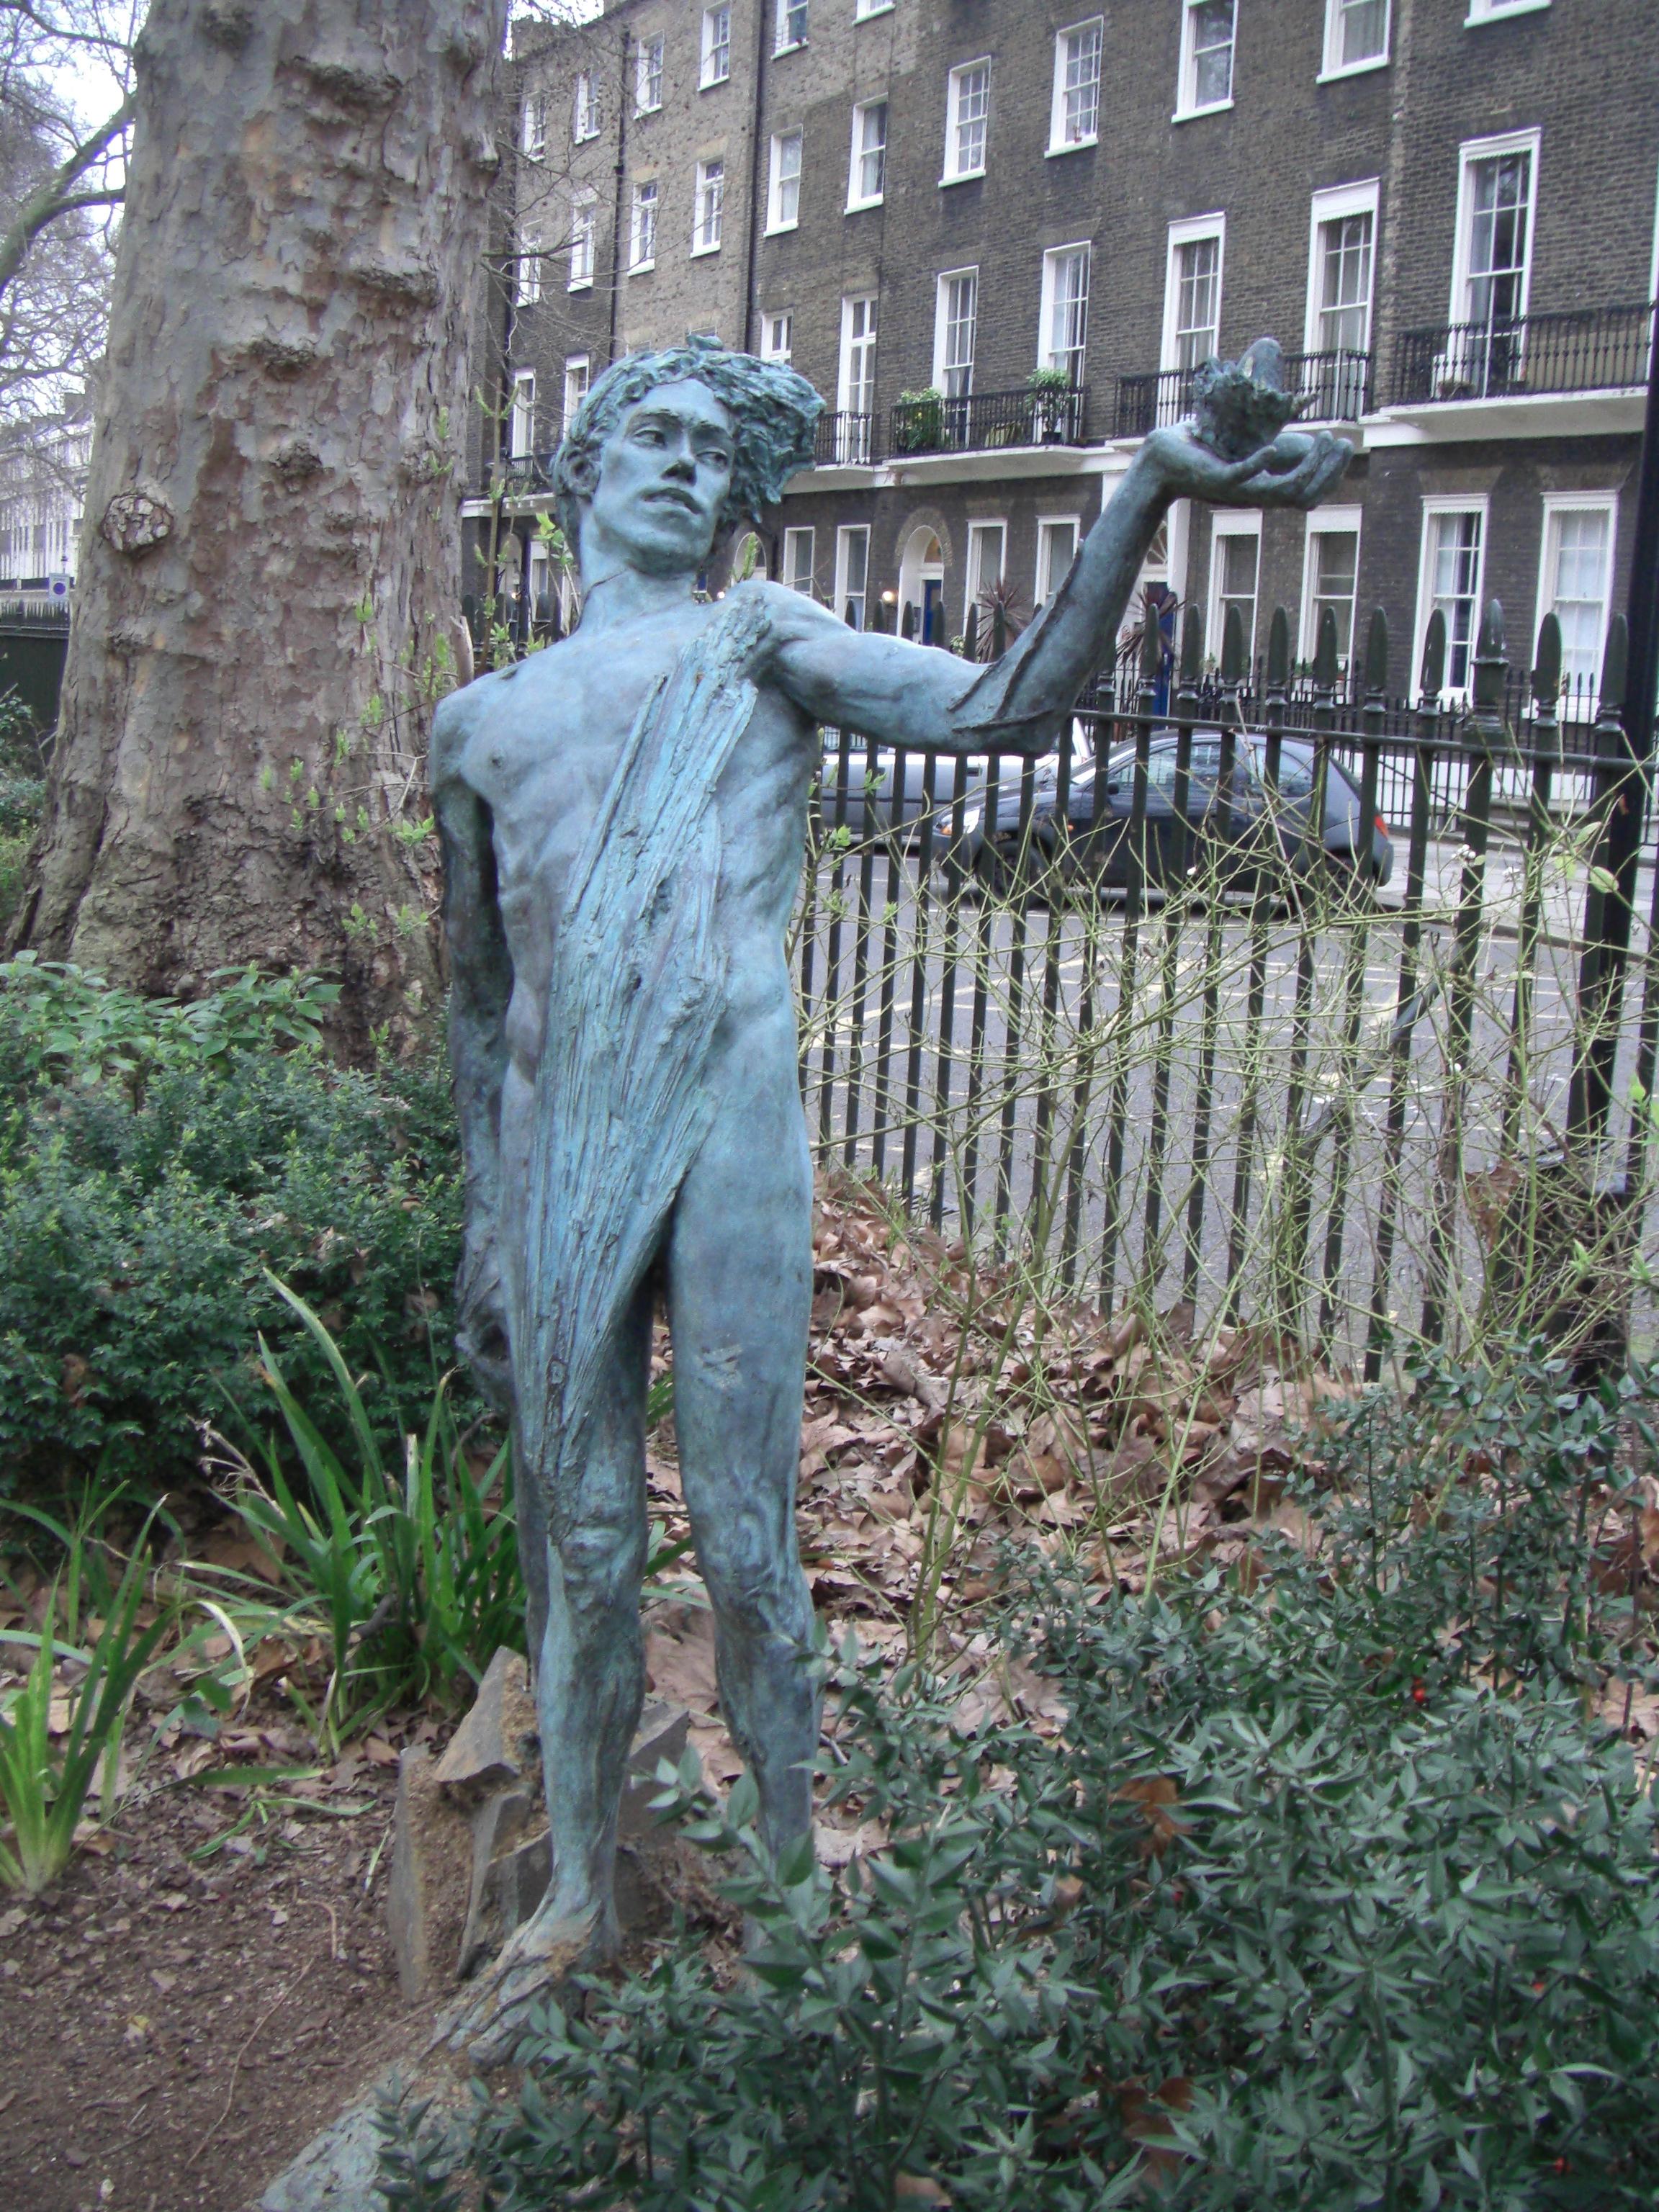 File:Green Man By Lydia Kapinska, Woburn Square